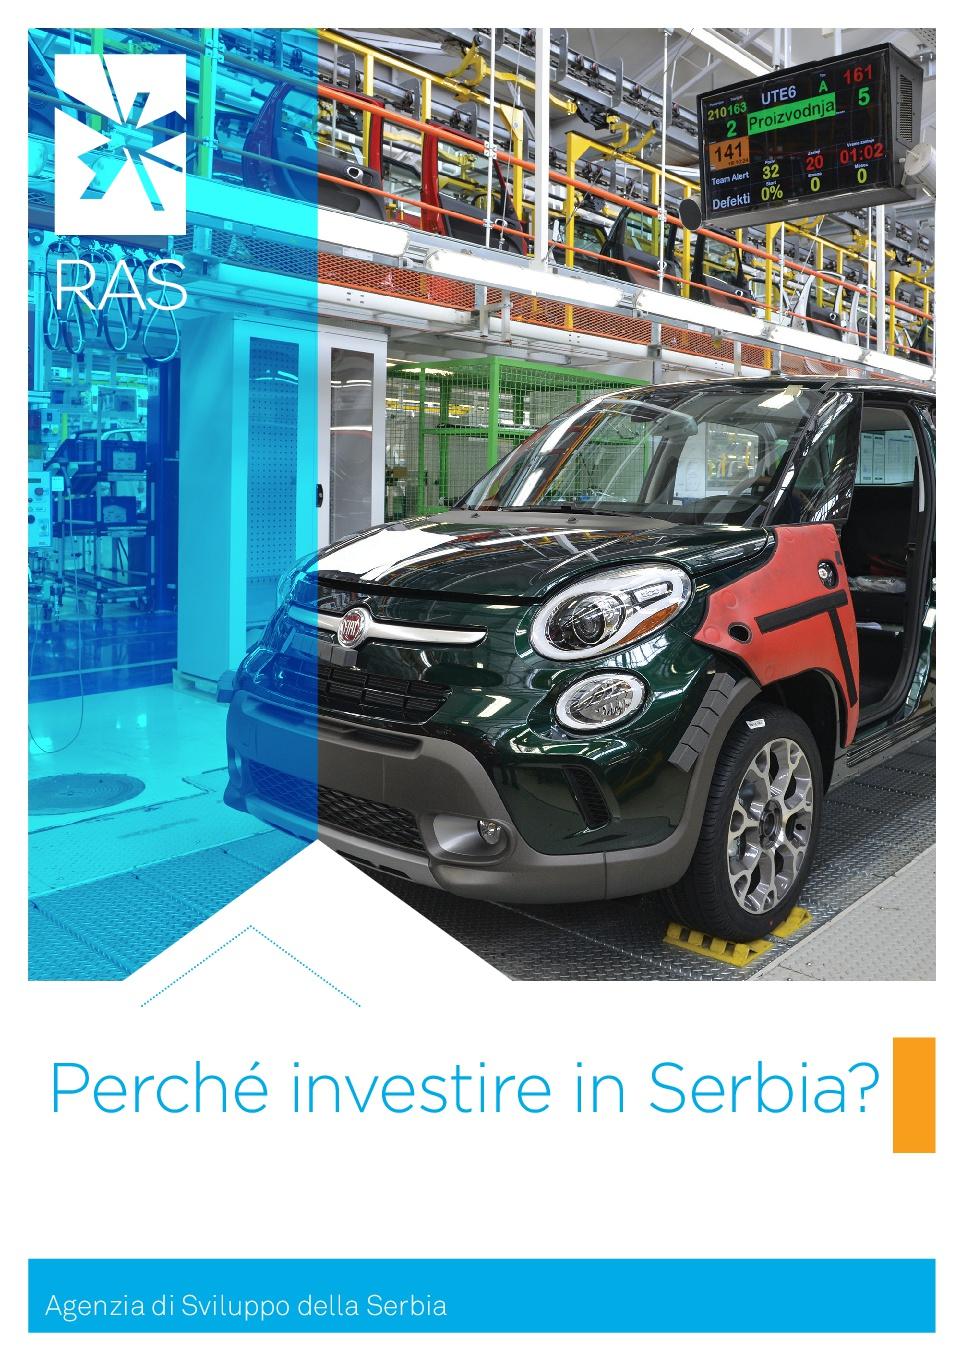 Perché investire in Serbia?